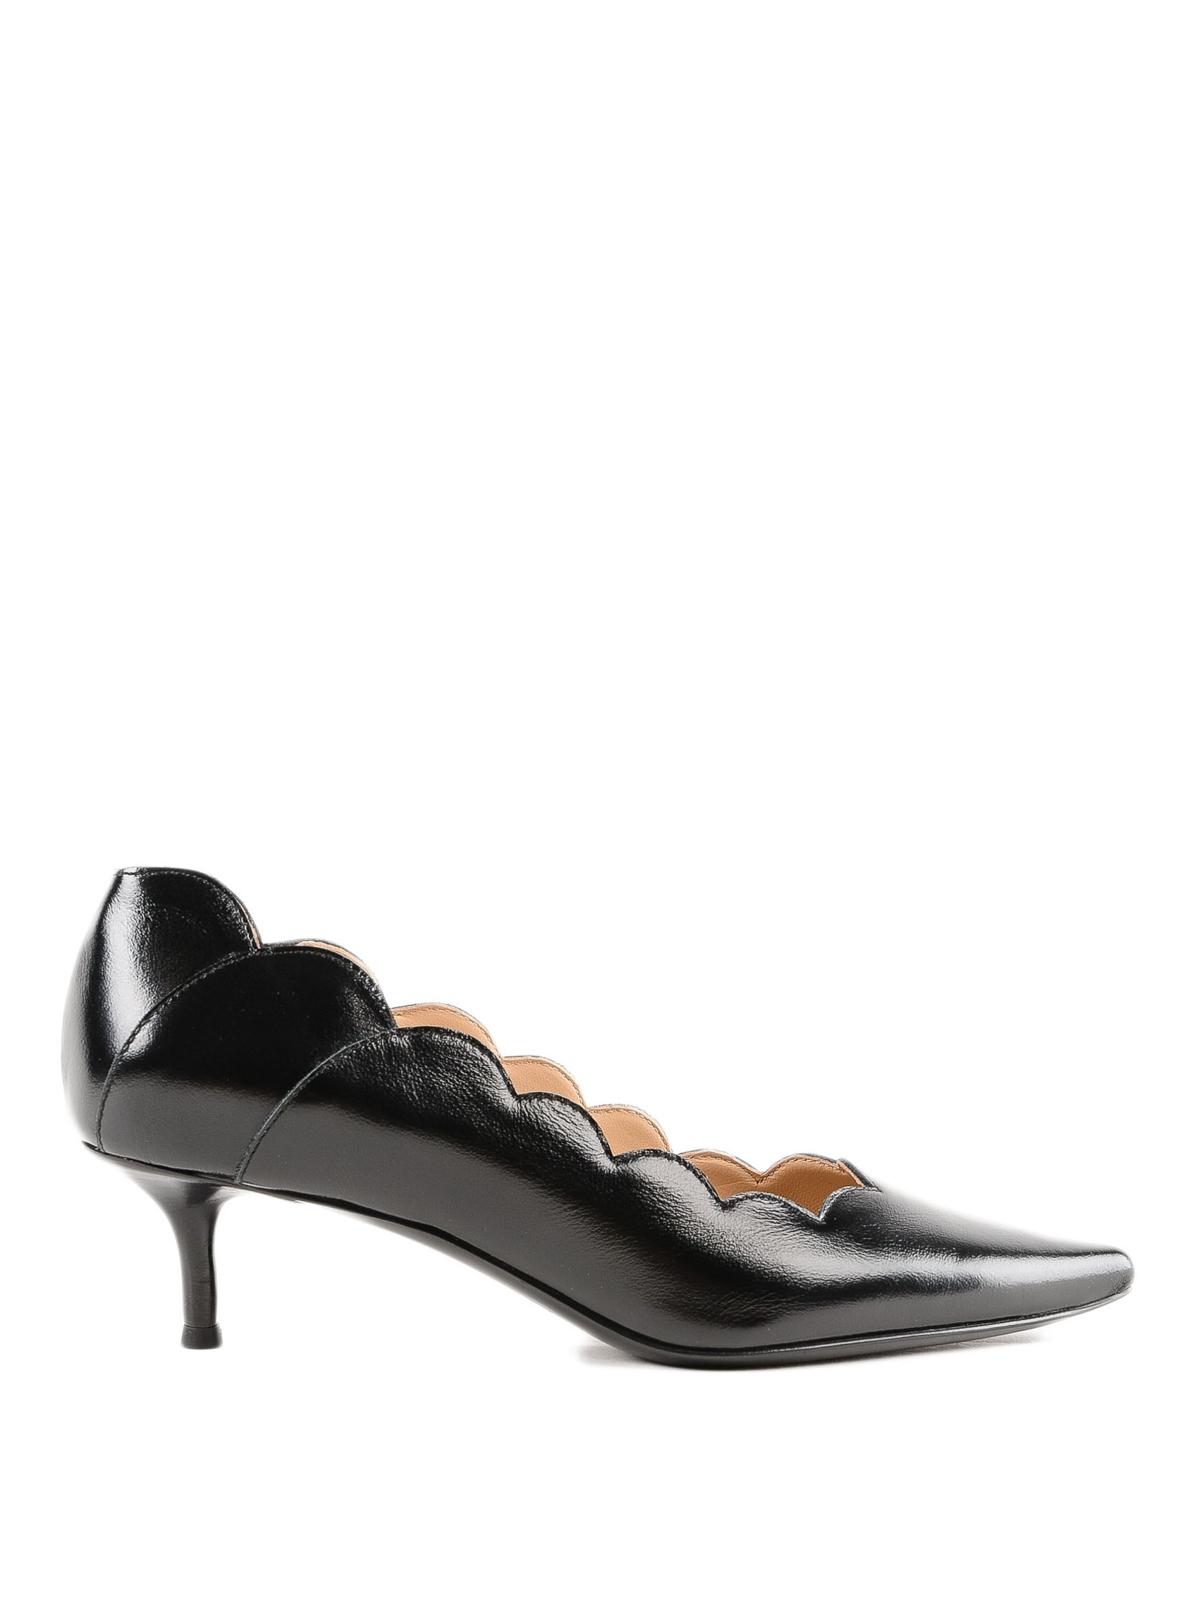 e08b8a120e30 Lauren polished leather scalloped pumps shop online  CHLOE · CHLOE · CHLOE